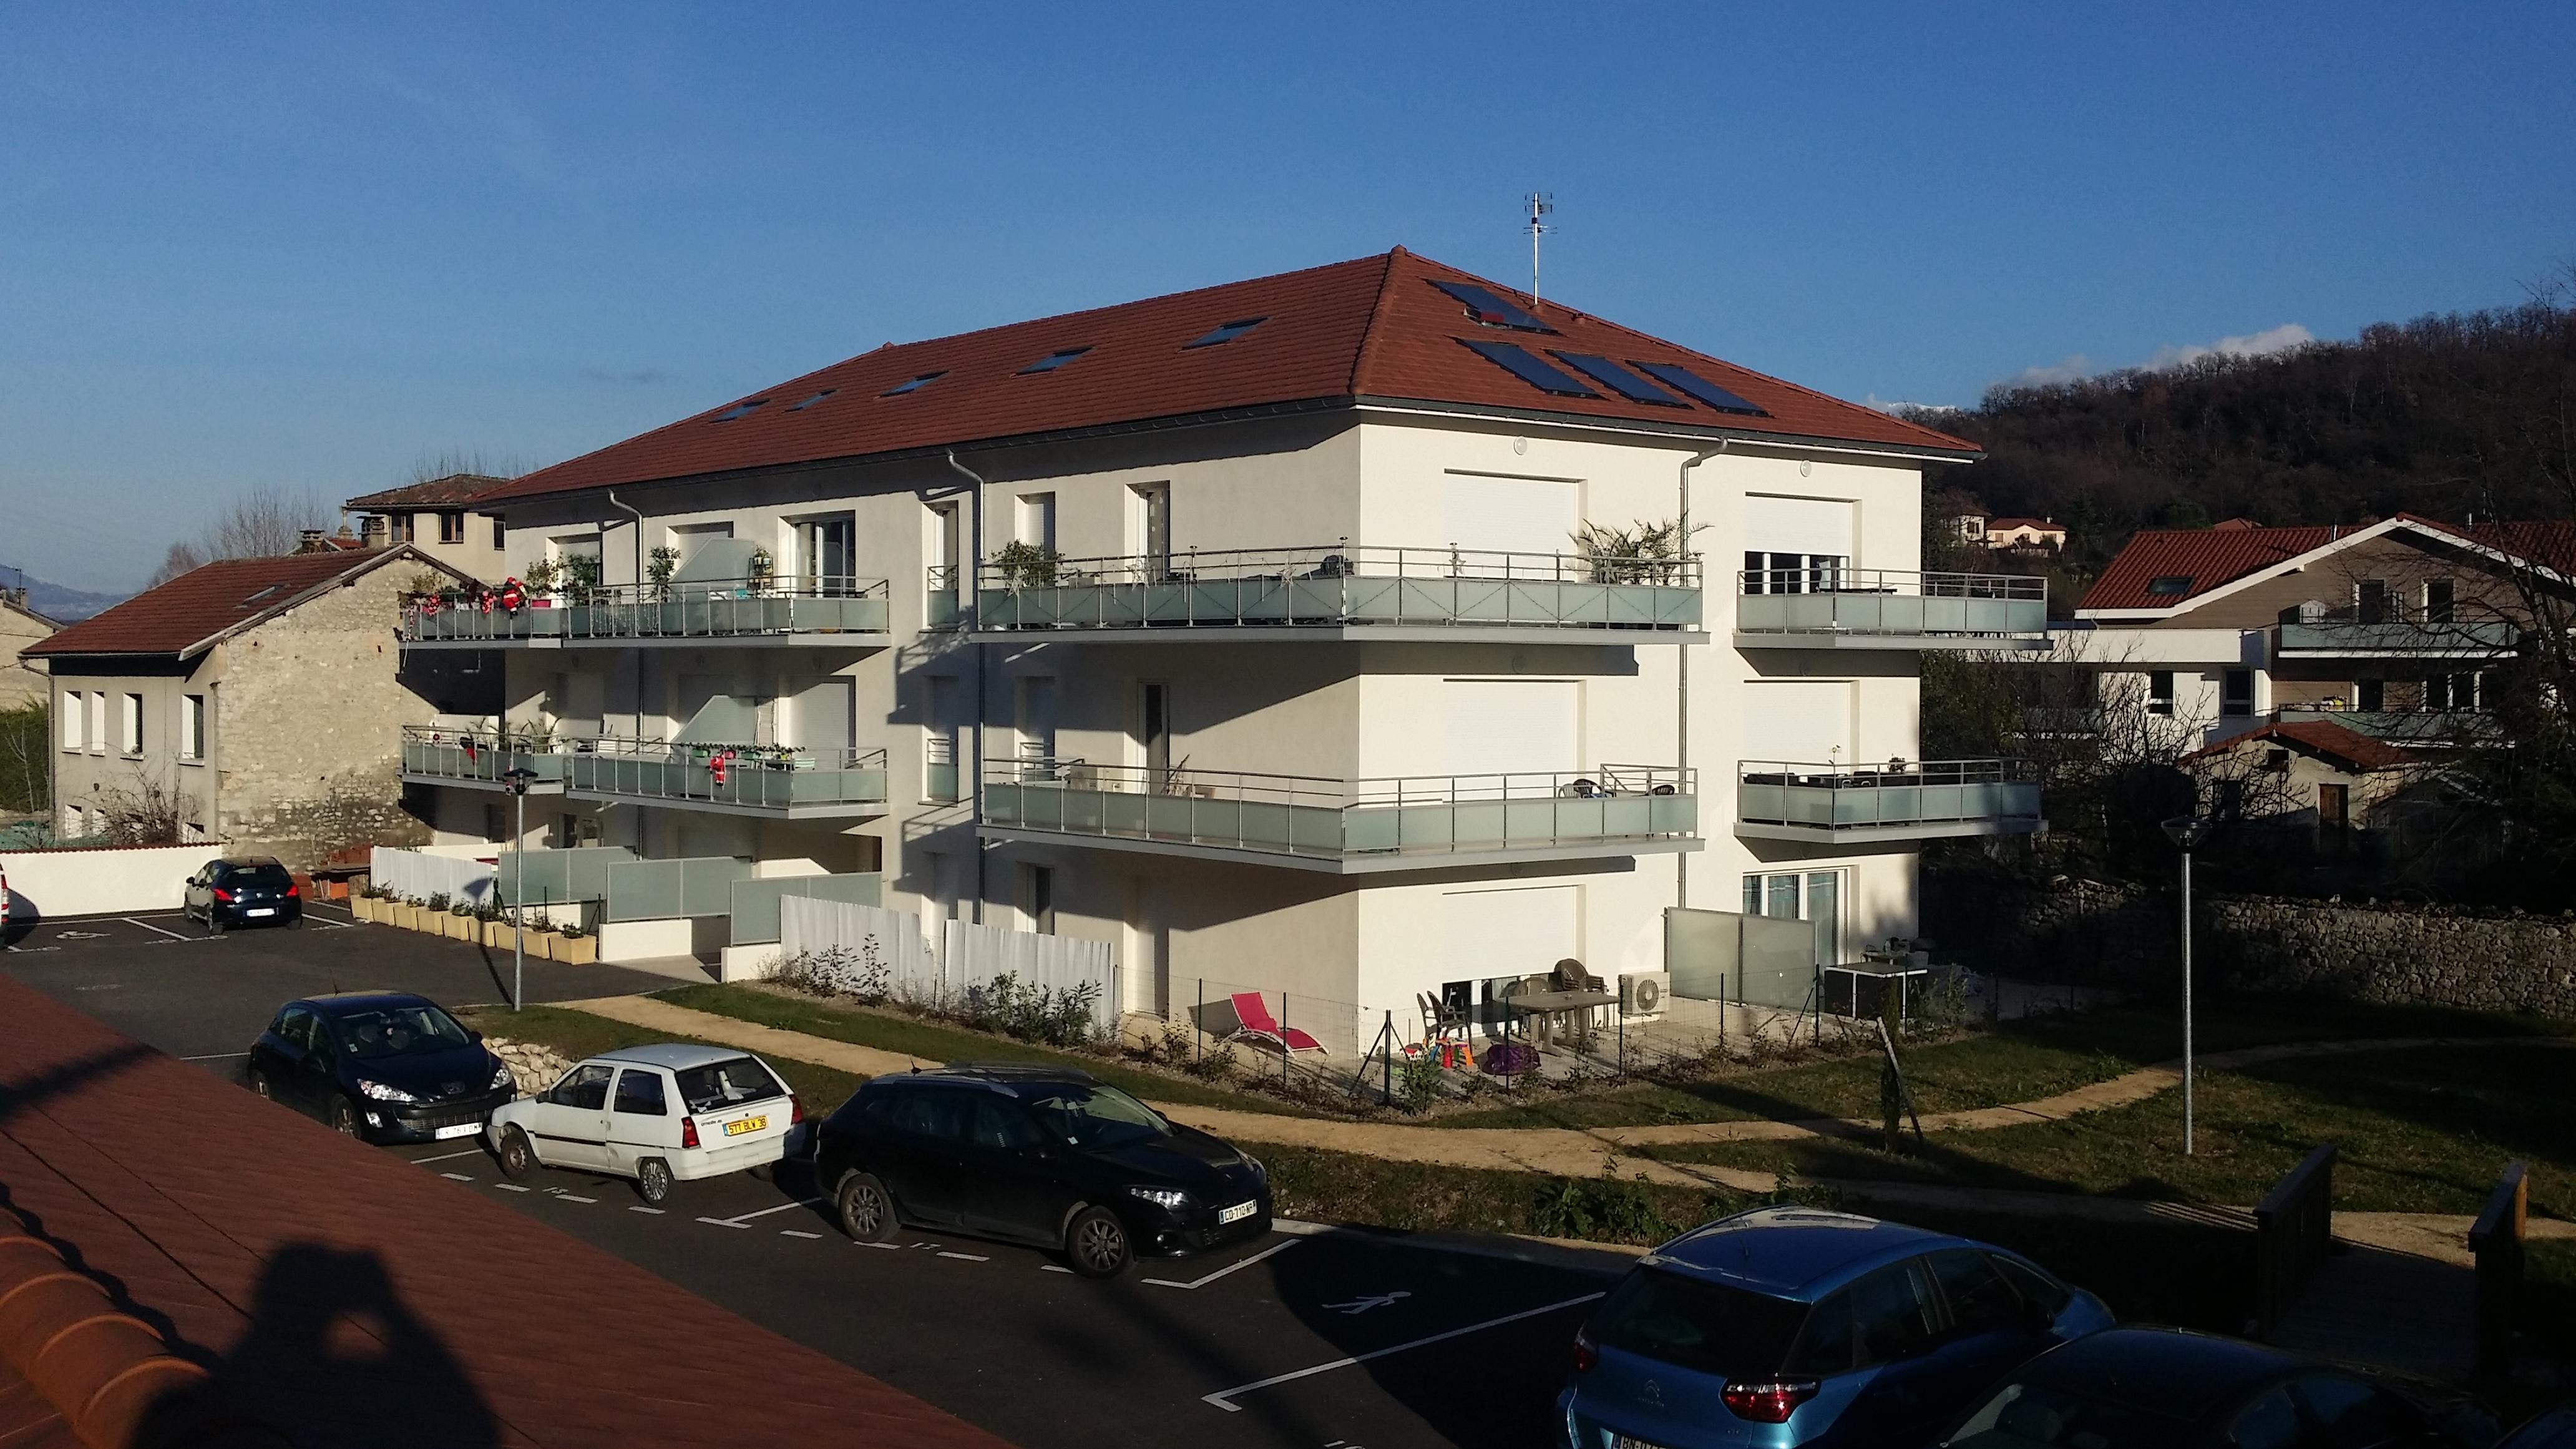 Yvan bioud ordre des architectes for Ordre des architectes centre